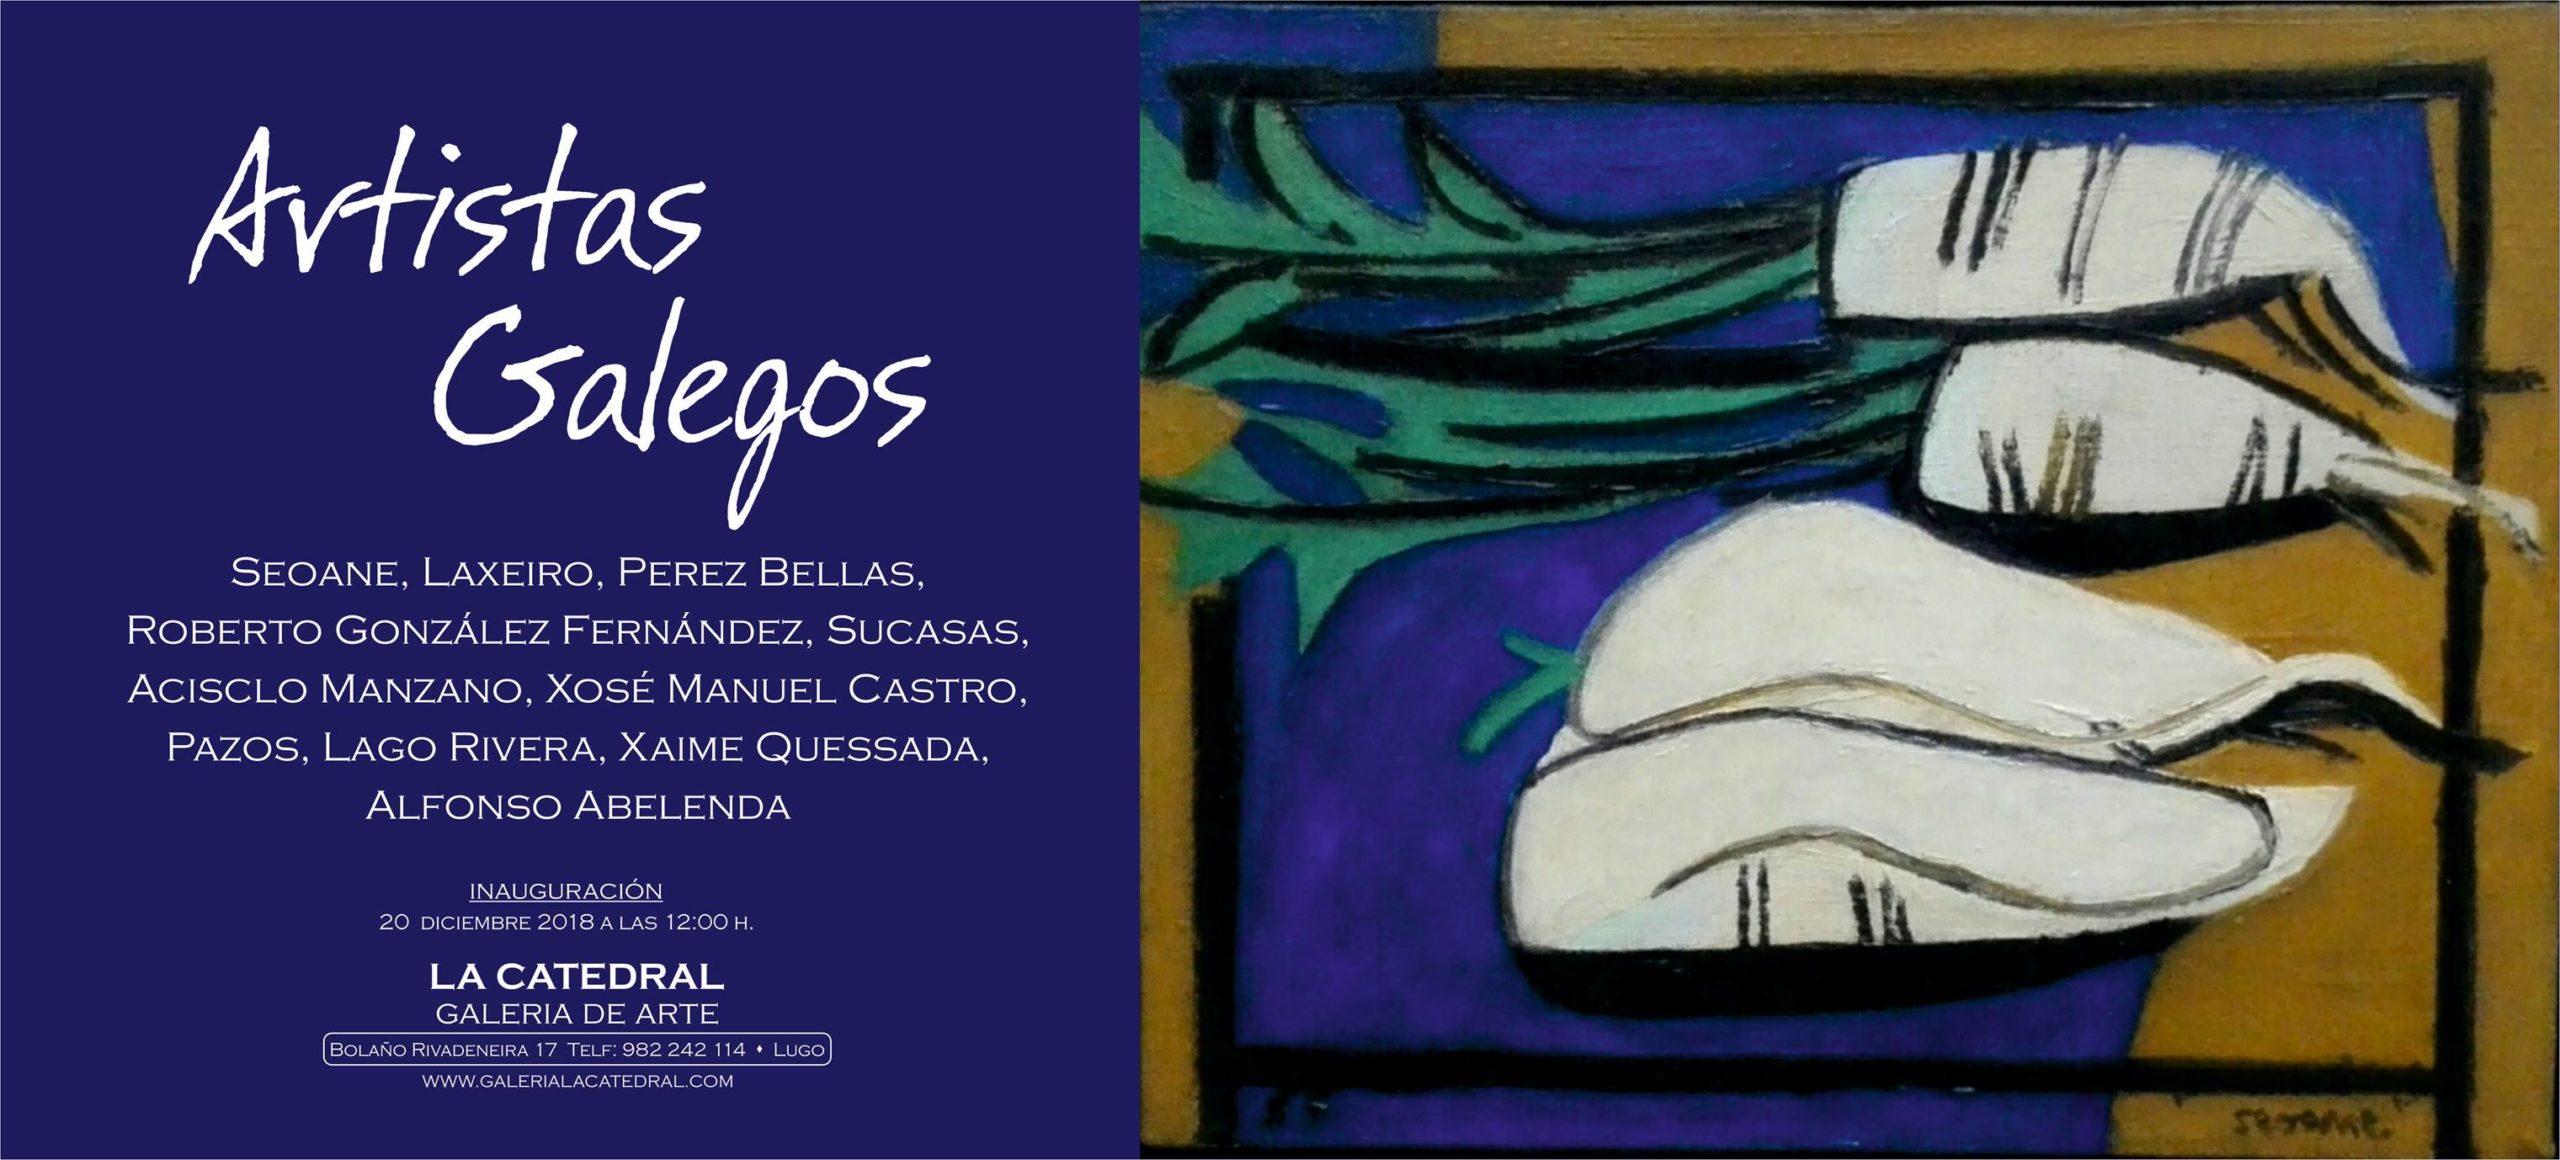 Artistas galegos na Galería La Catedral de Lugo. Exposición.